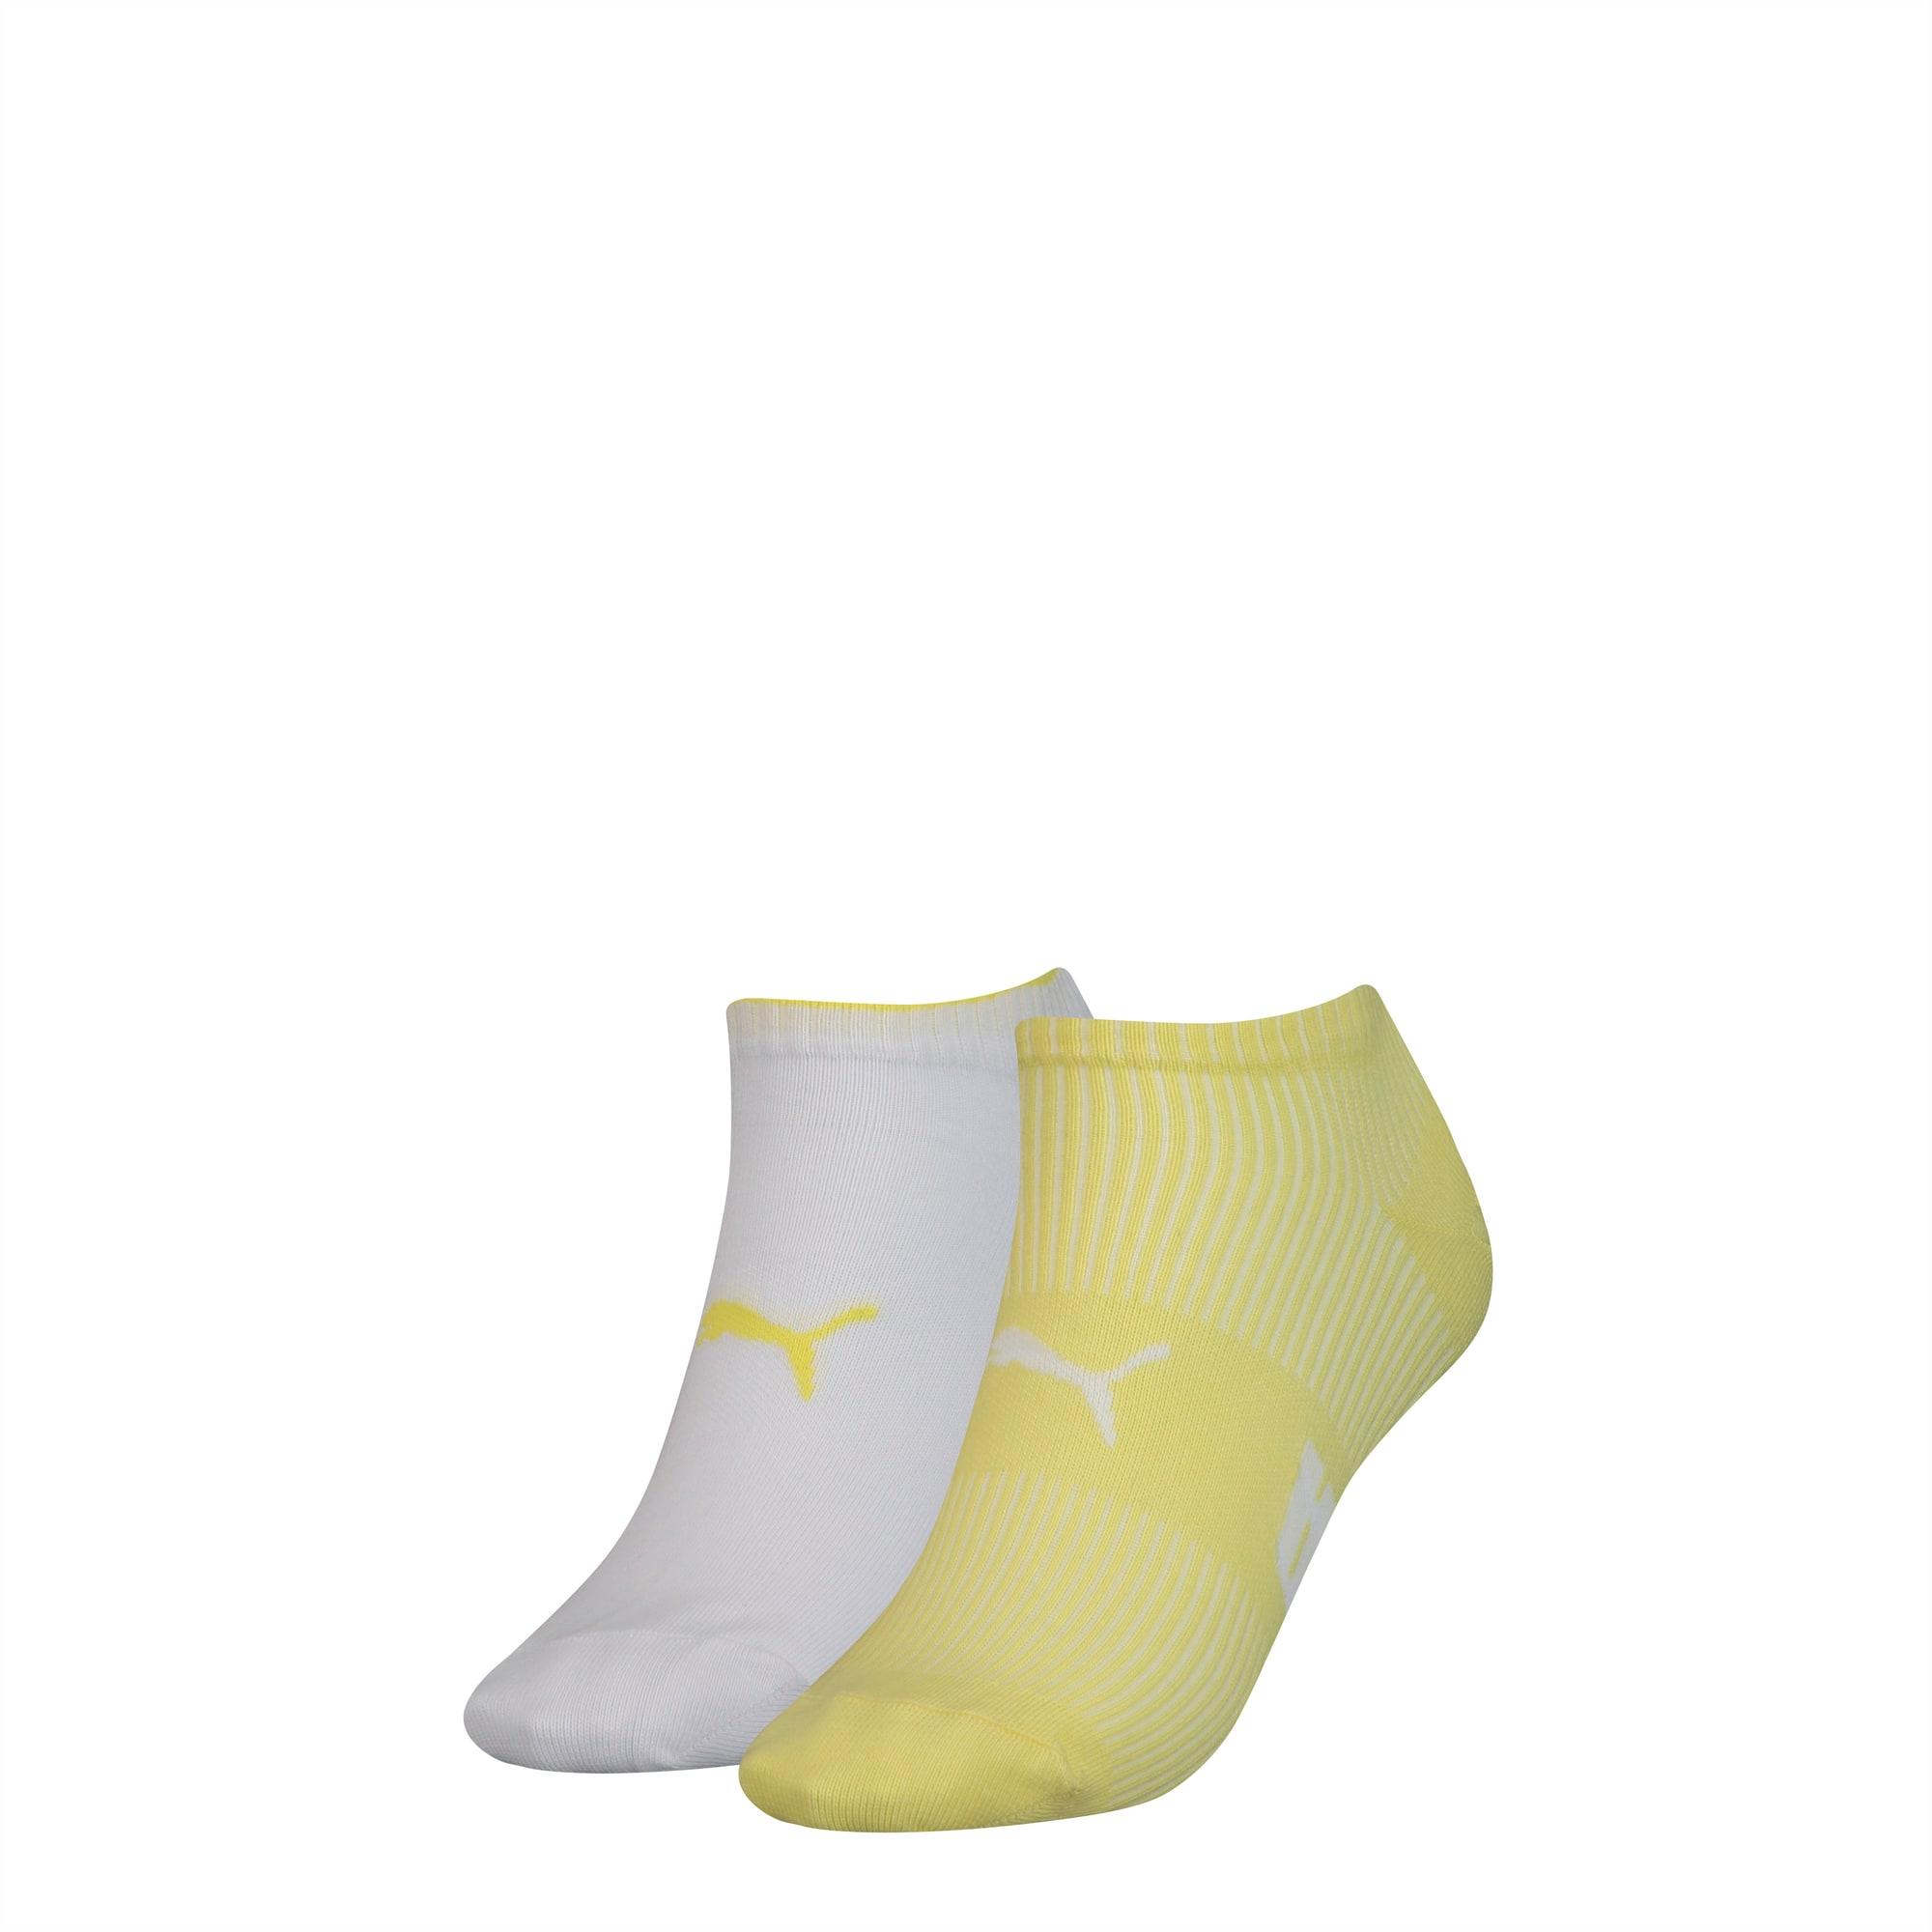 puma -  Structure Damen Sneaker Socken 2er Pack Schuhe | Größe: 35/38